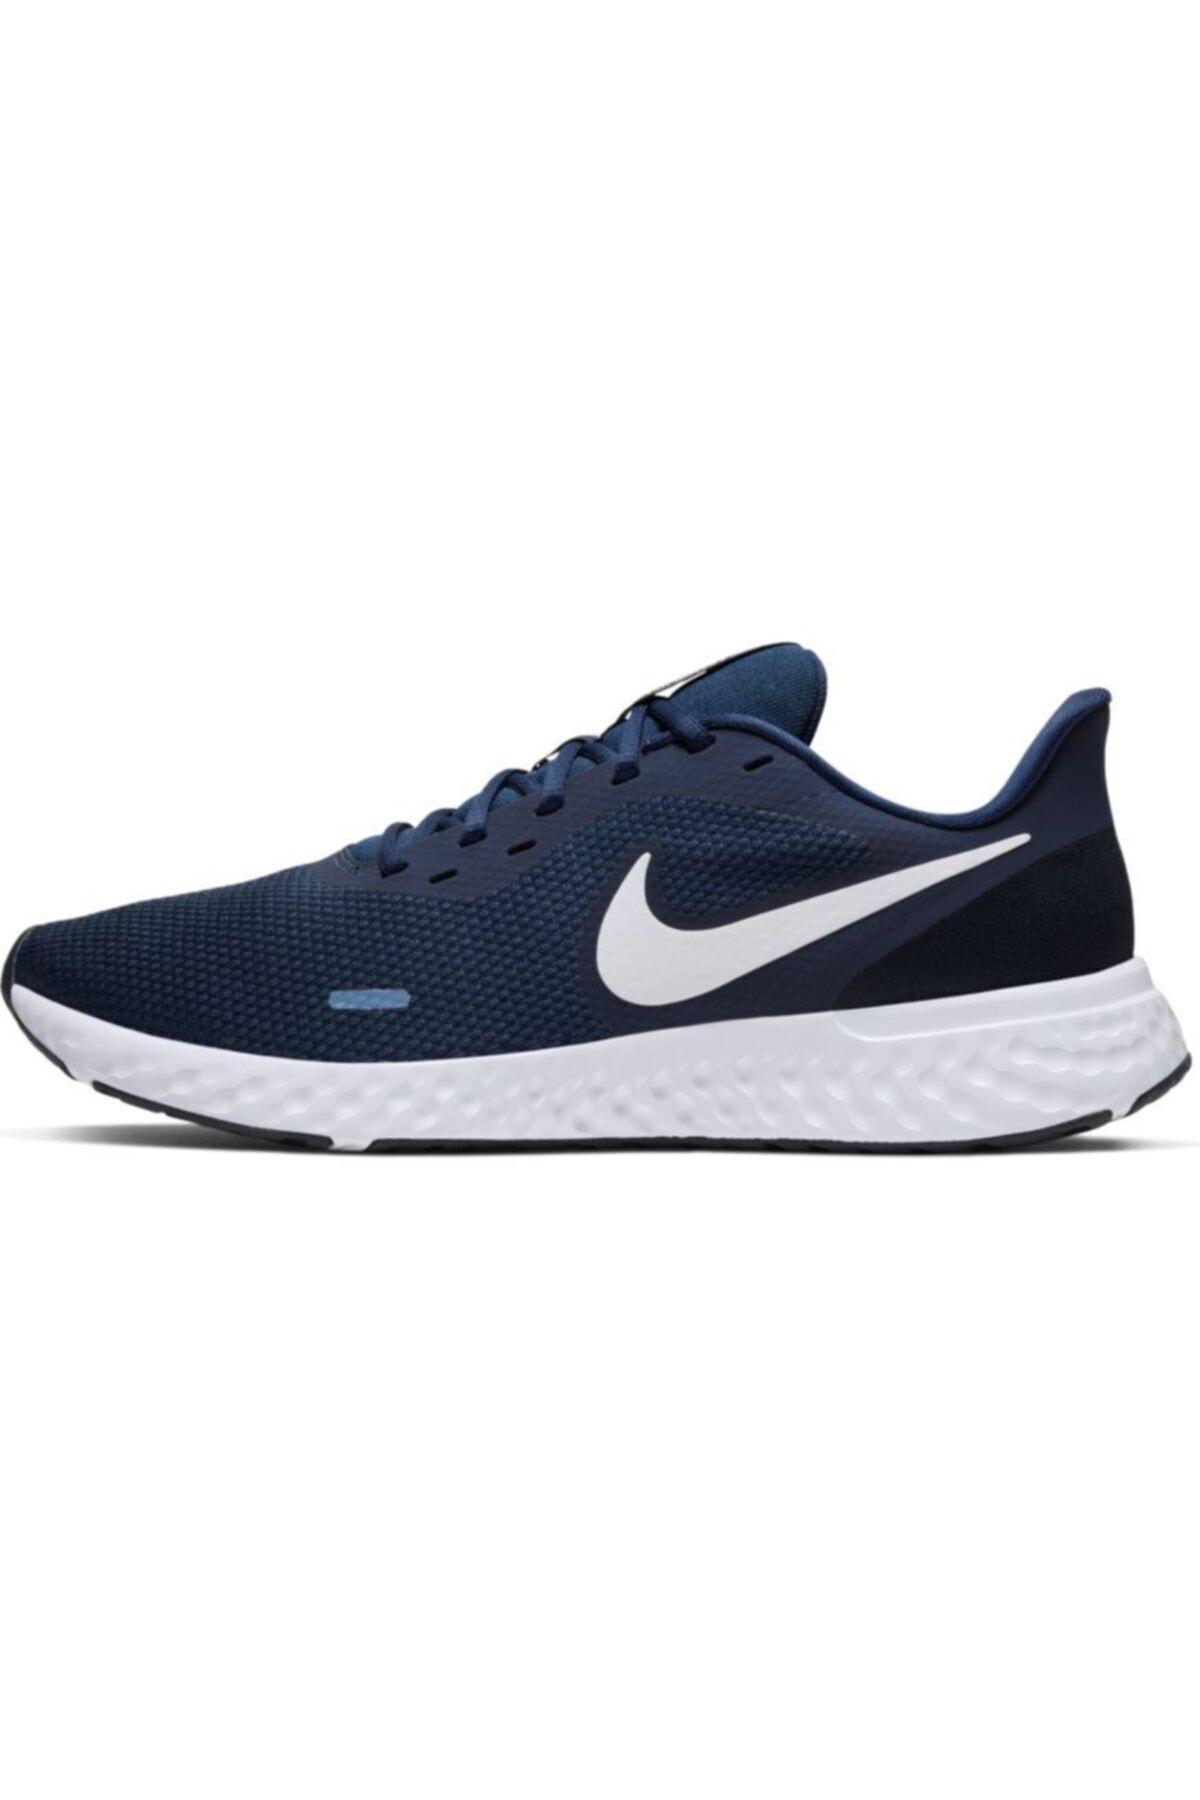 Nike Erkek Lacivert Revolutıon 5 Spor Ayakkabı Bq3204-400 2